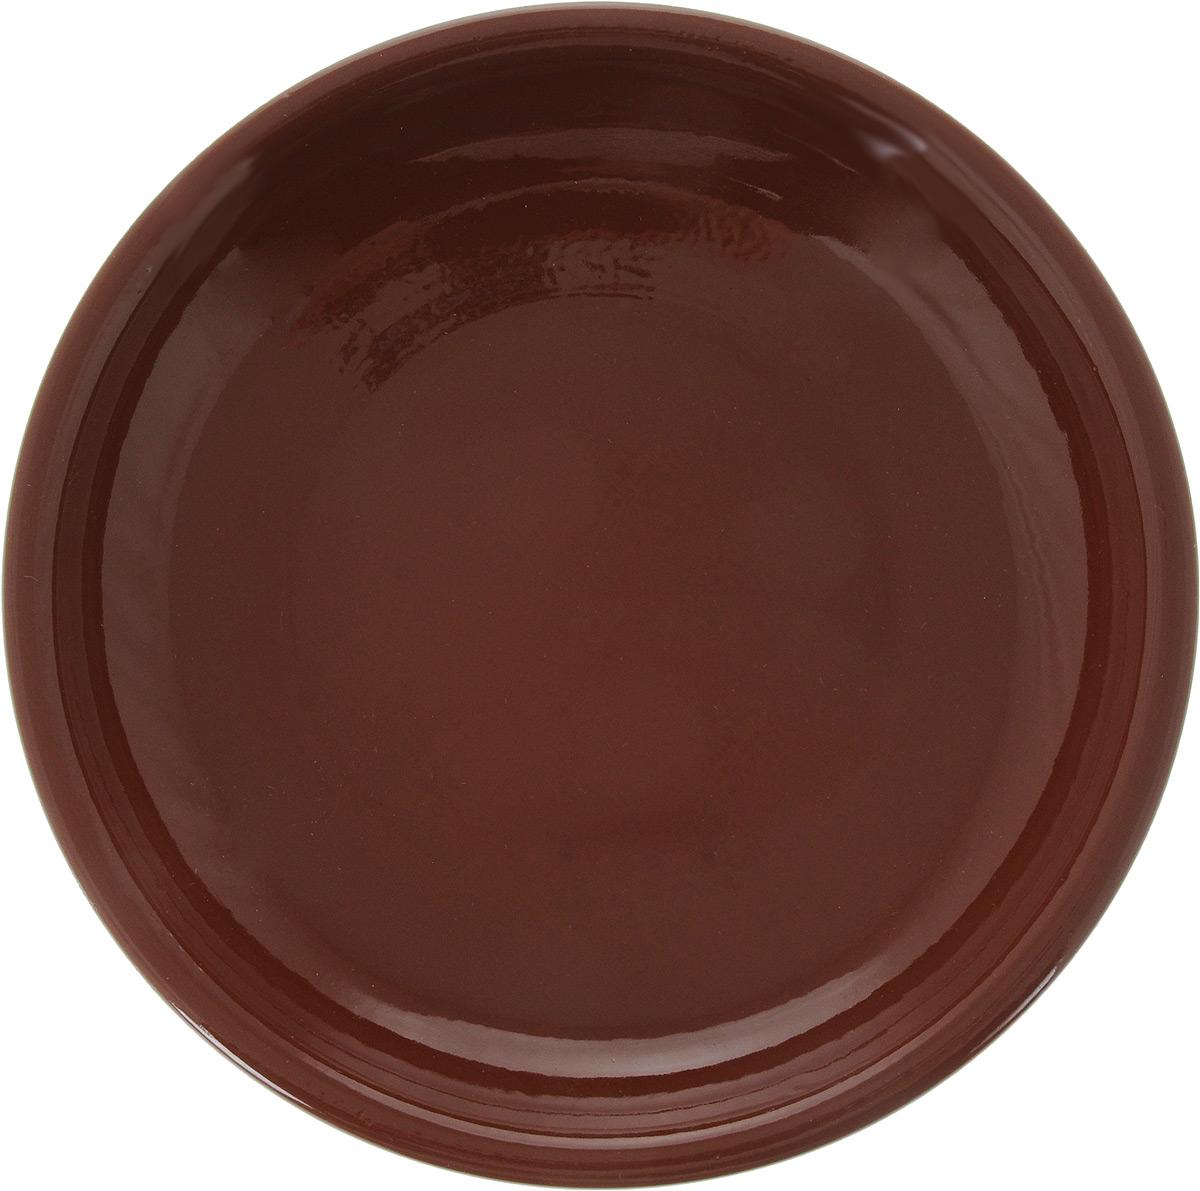 Тарелка Борисовская керамика Радуга, цвет: красно-коричневый, диаметр 18 смРАД00000458_красно-коричневыйТарелка Борисовская керамика Радуга изготовлена из керамики. Изделие идеально подойдет для сервировки стола. Тарелка отлично впишется в любой интерьер современной кухни и станет отличным подарком для вас и ваших близких.Можно использовать в духовке и микроволновой печи.Диаметр тарелки: 18 см.Высота тарелки: 3 см.